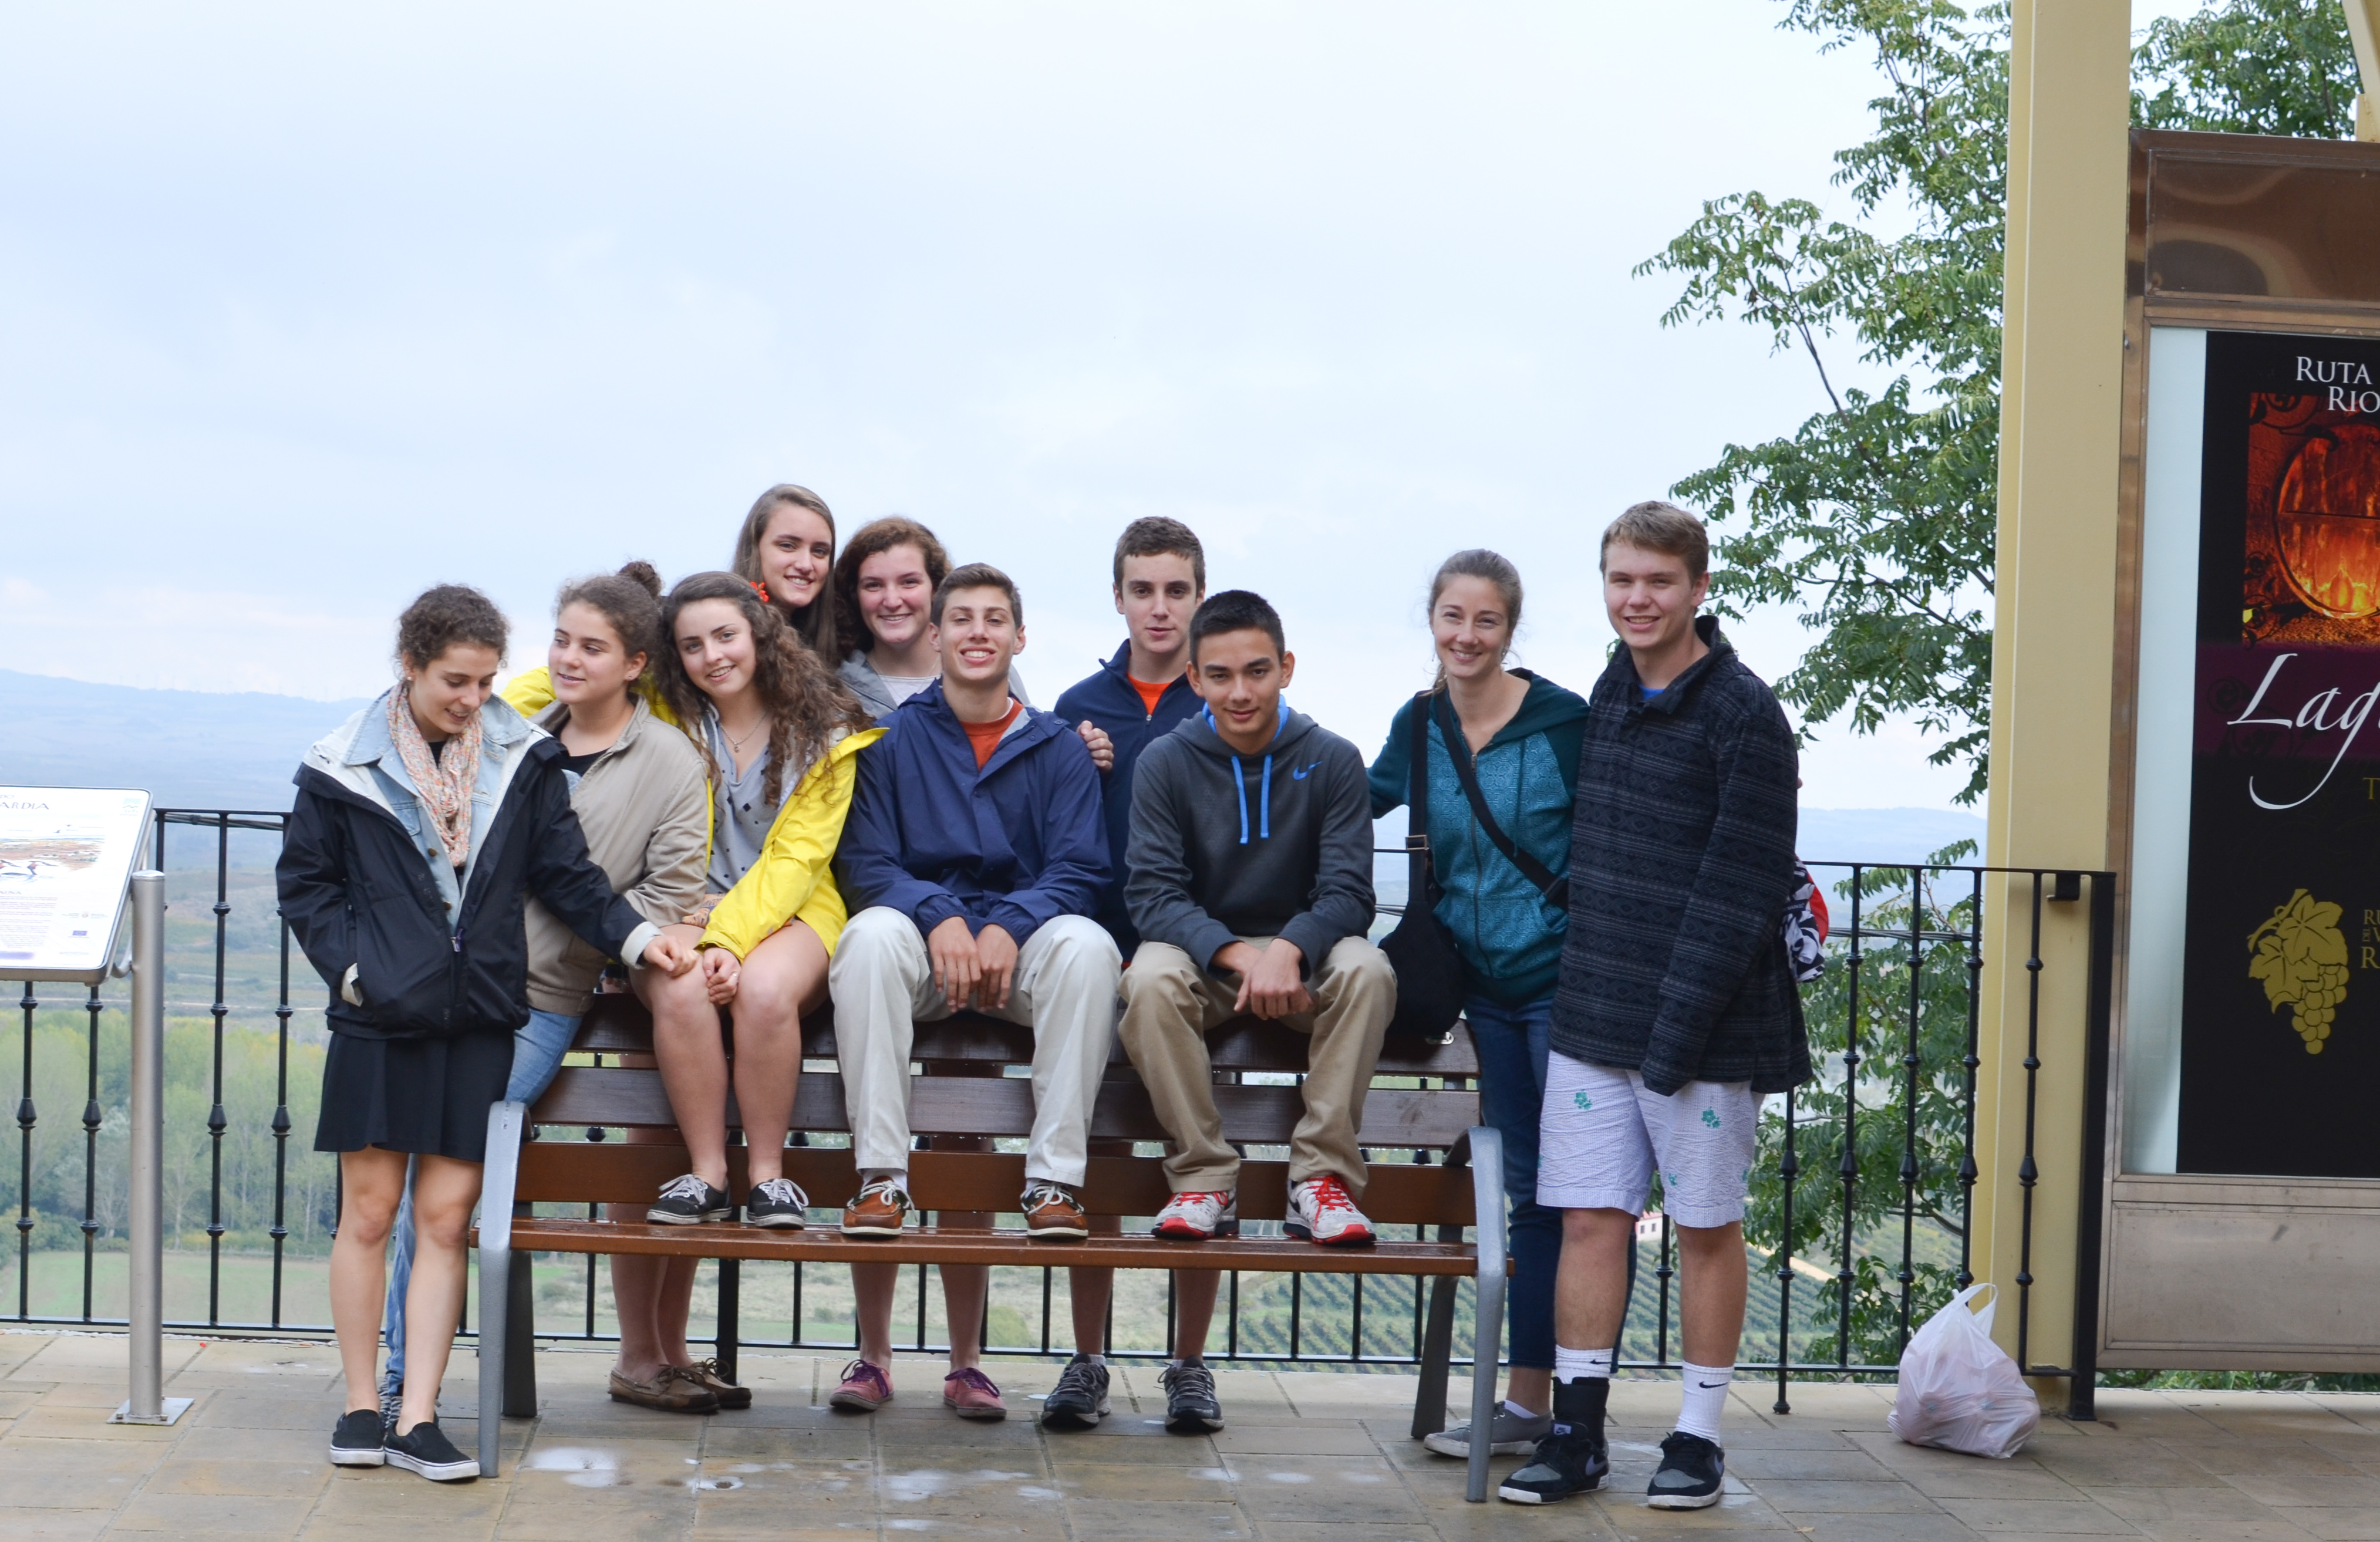 Proctor en Segovia students travel to La Rioja